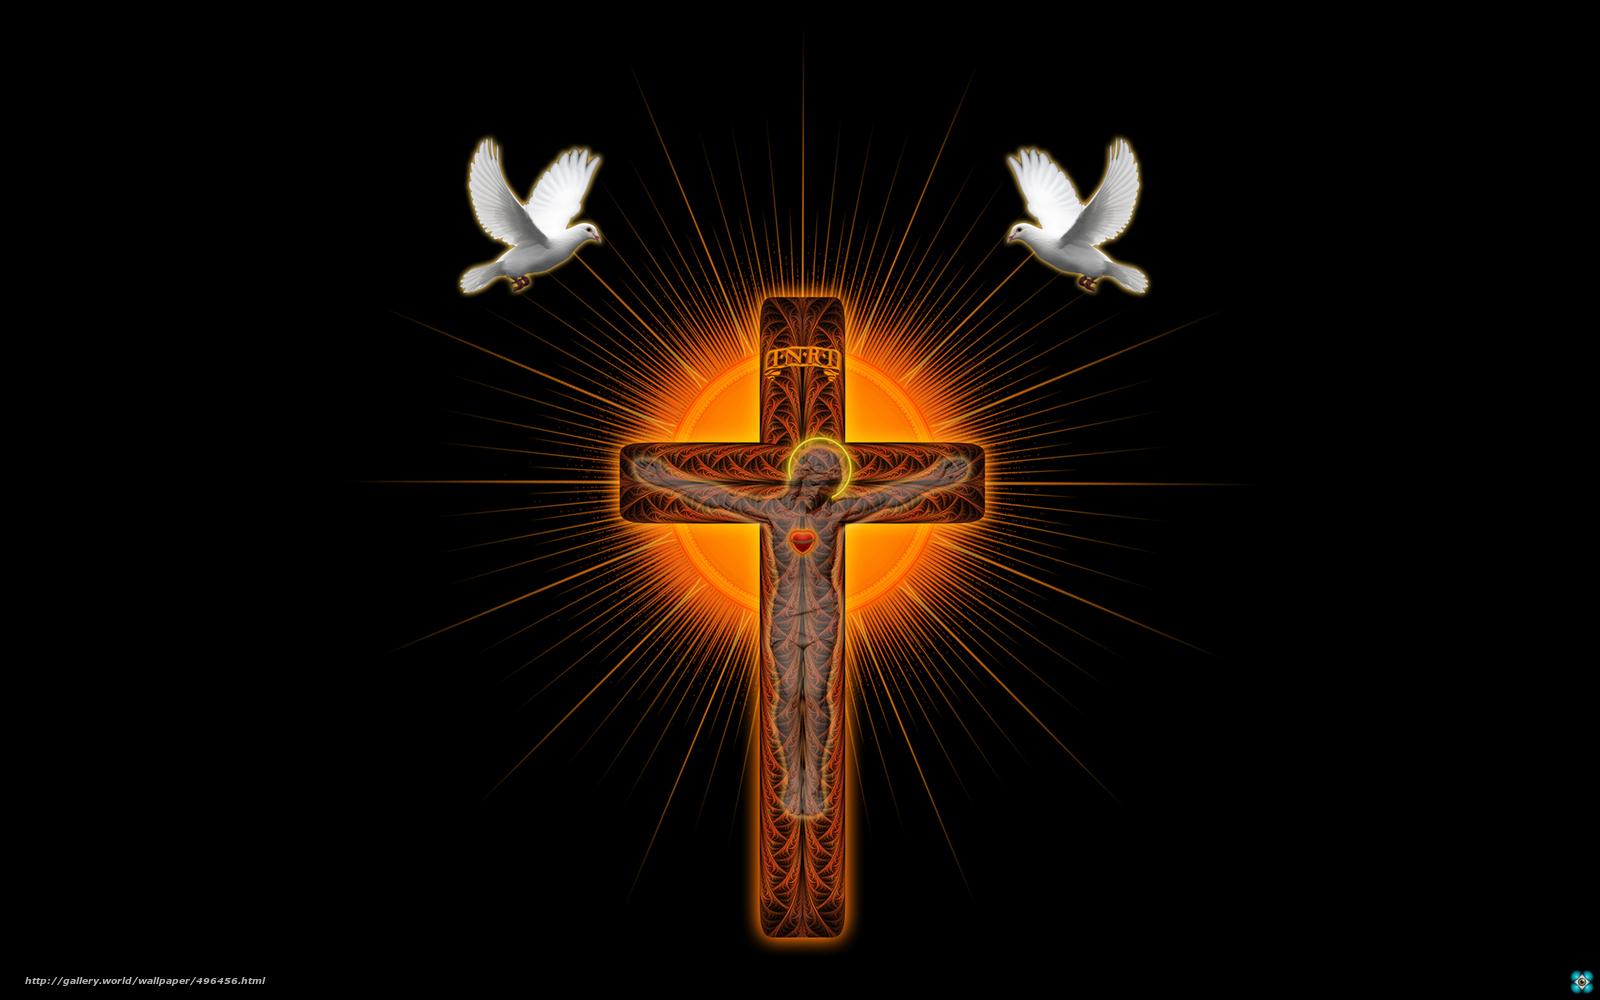 3 crosses wallpaper